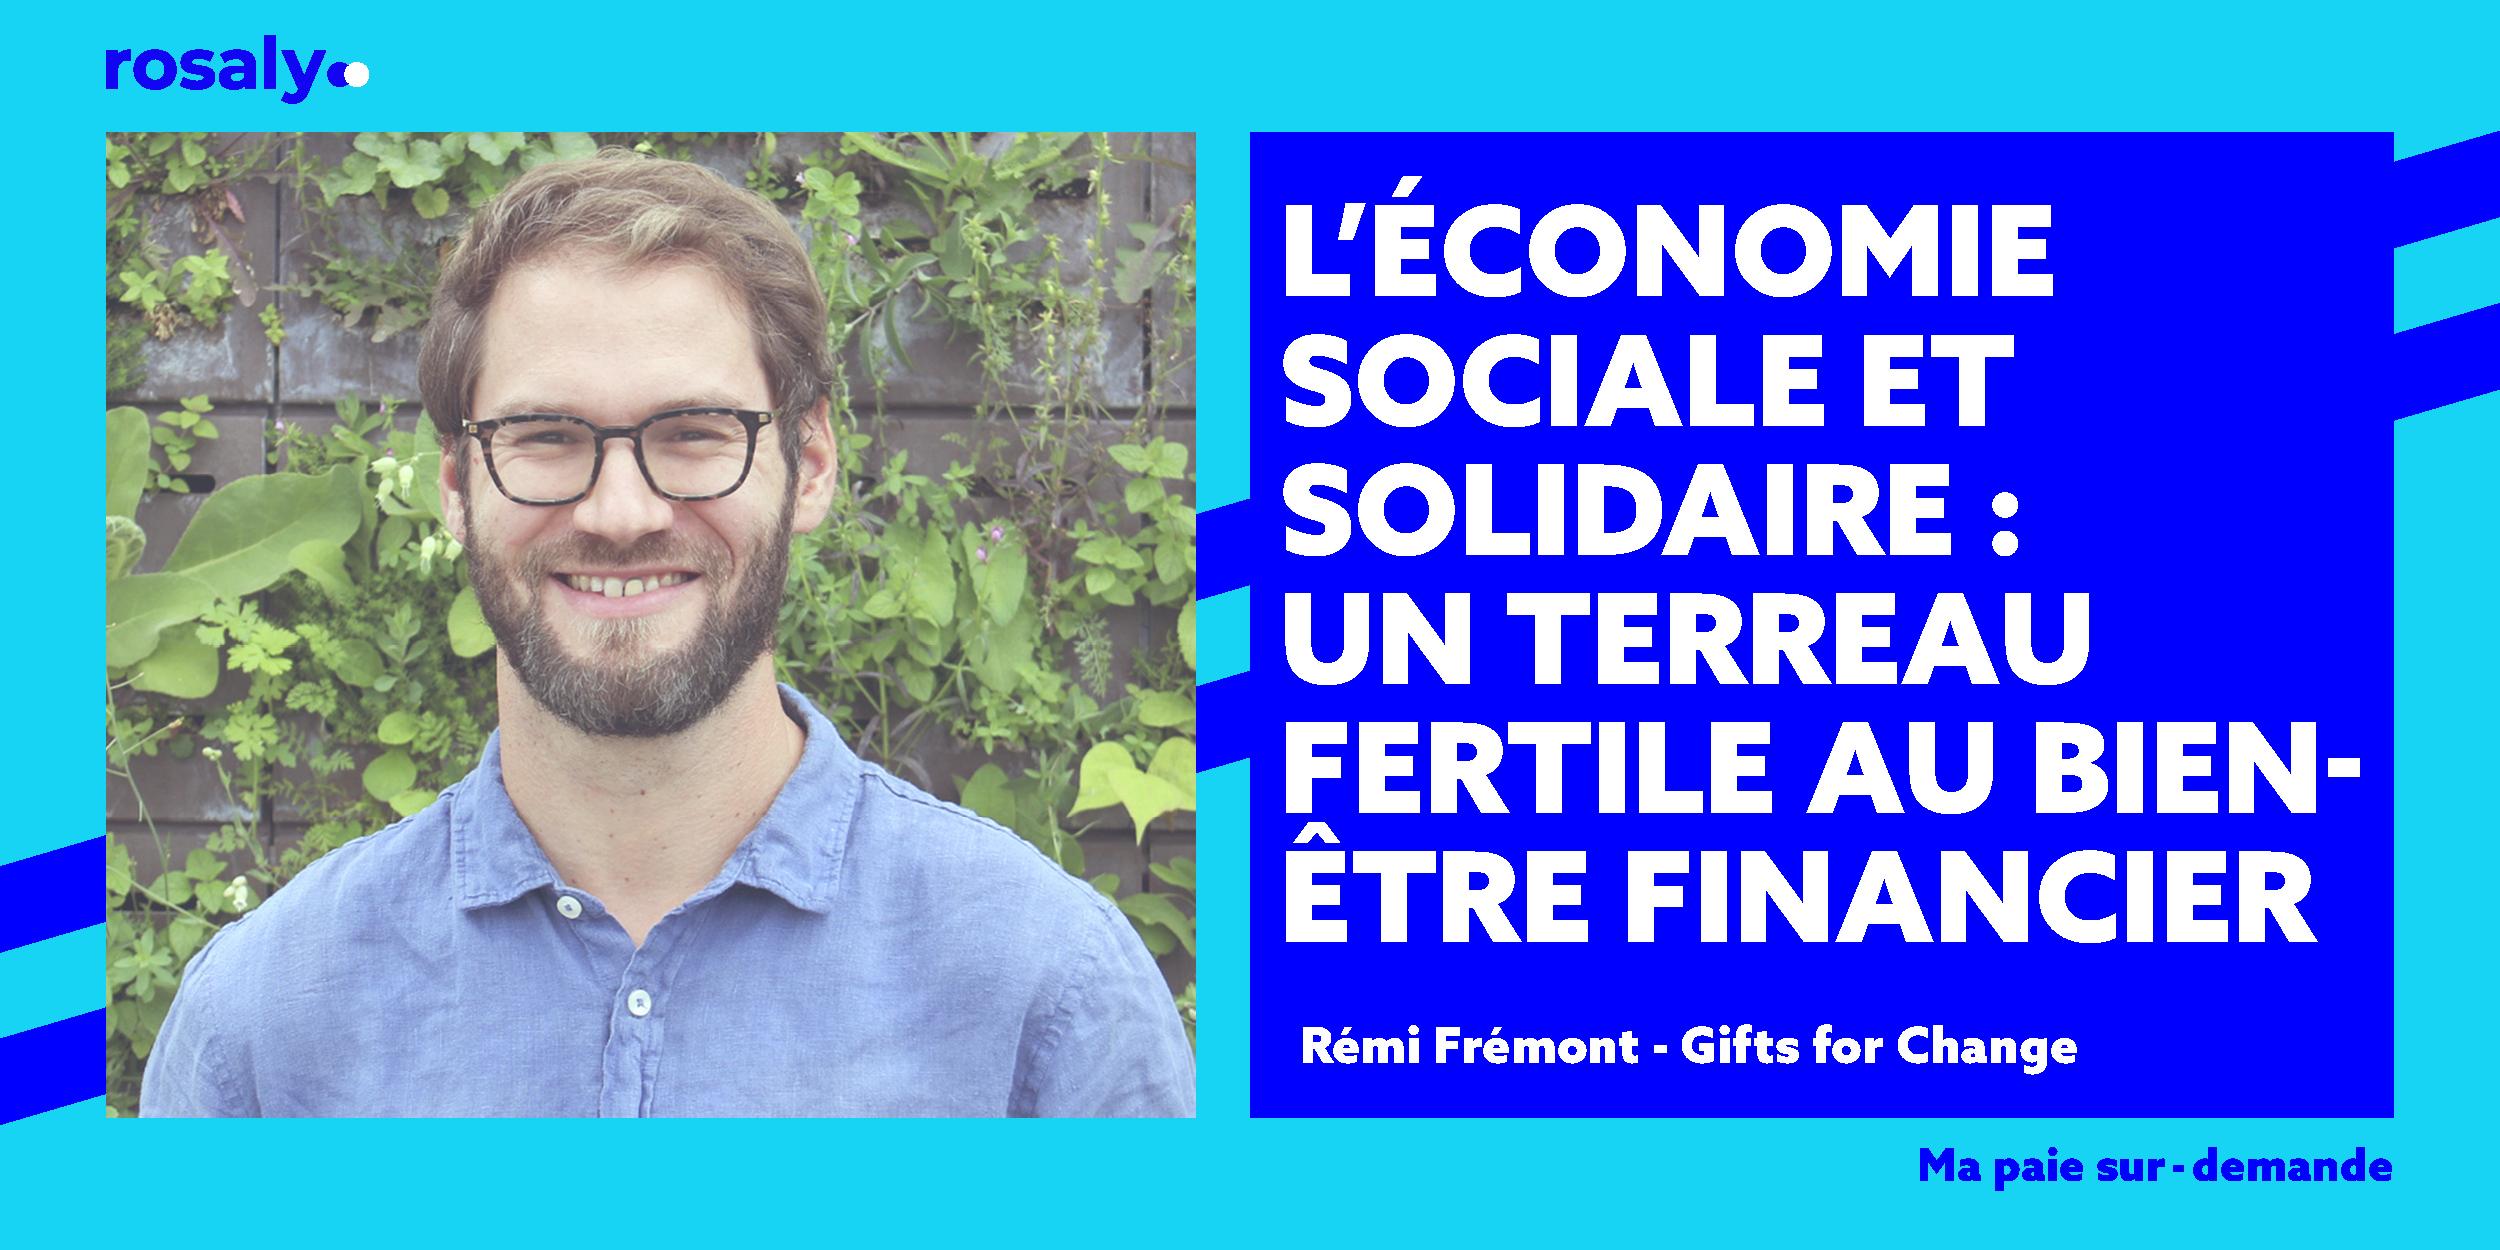 Rosaly_Bannière4 (1)